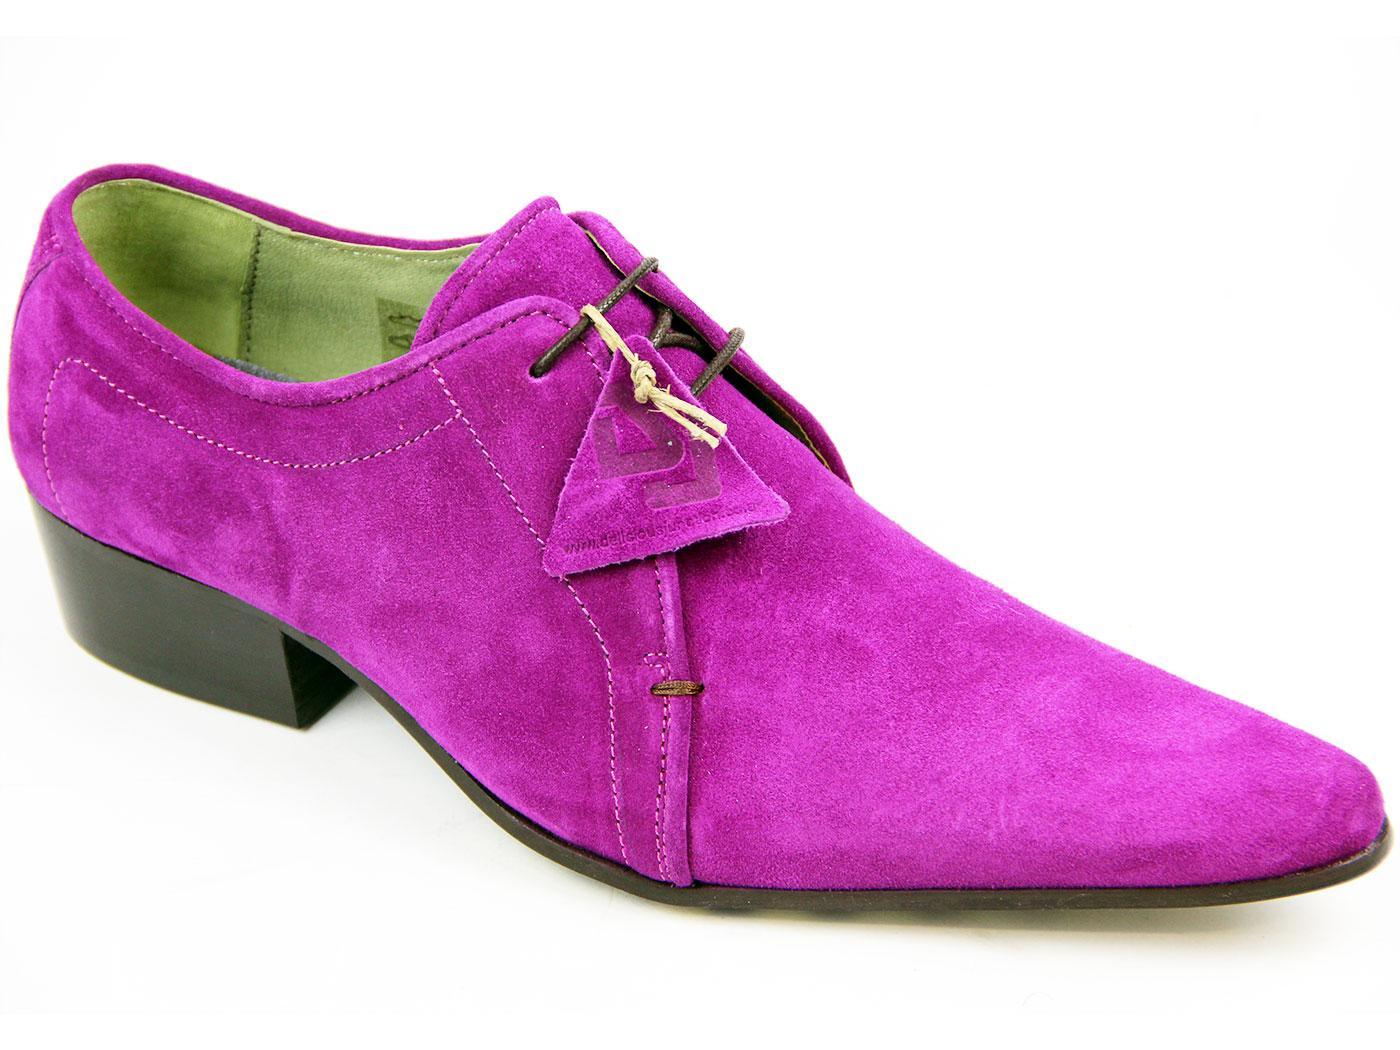 Mens Winklepicker Shoes